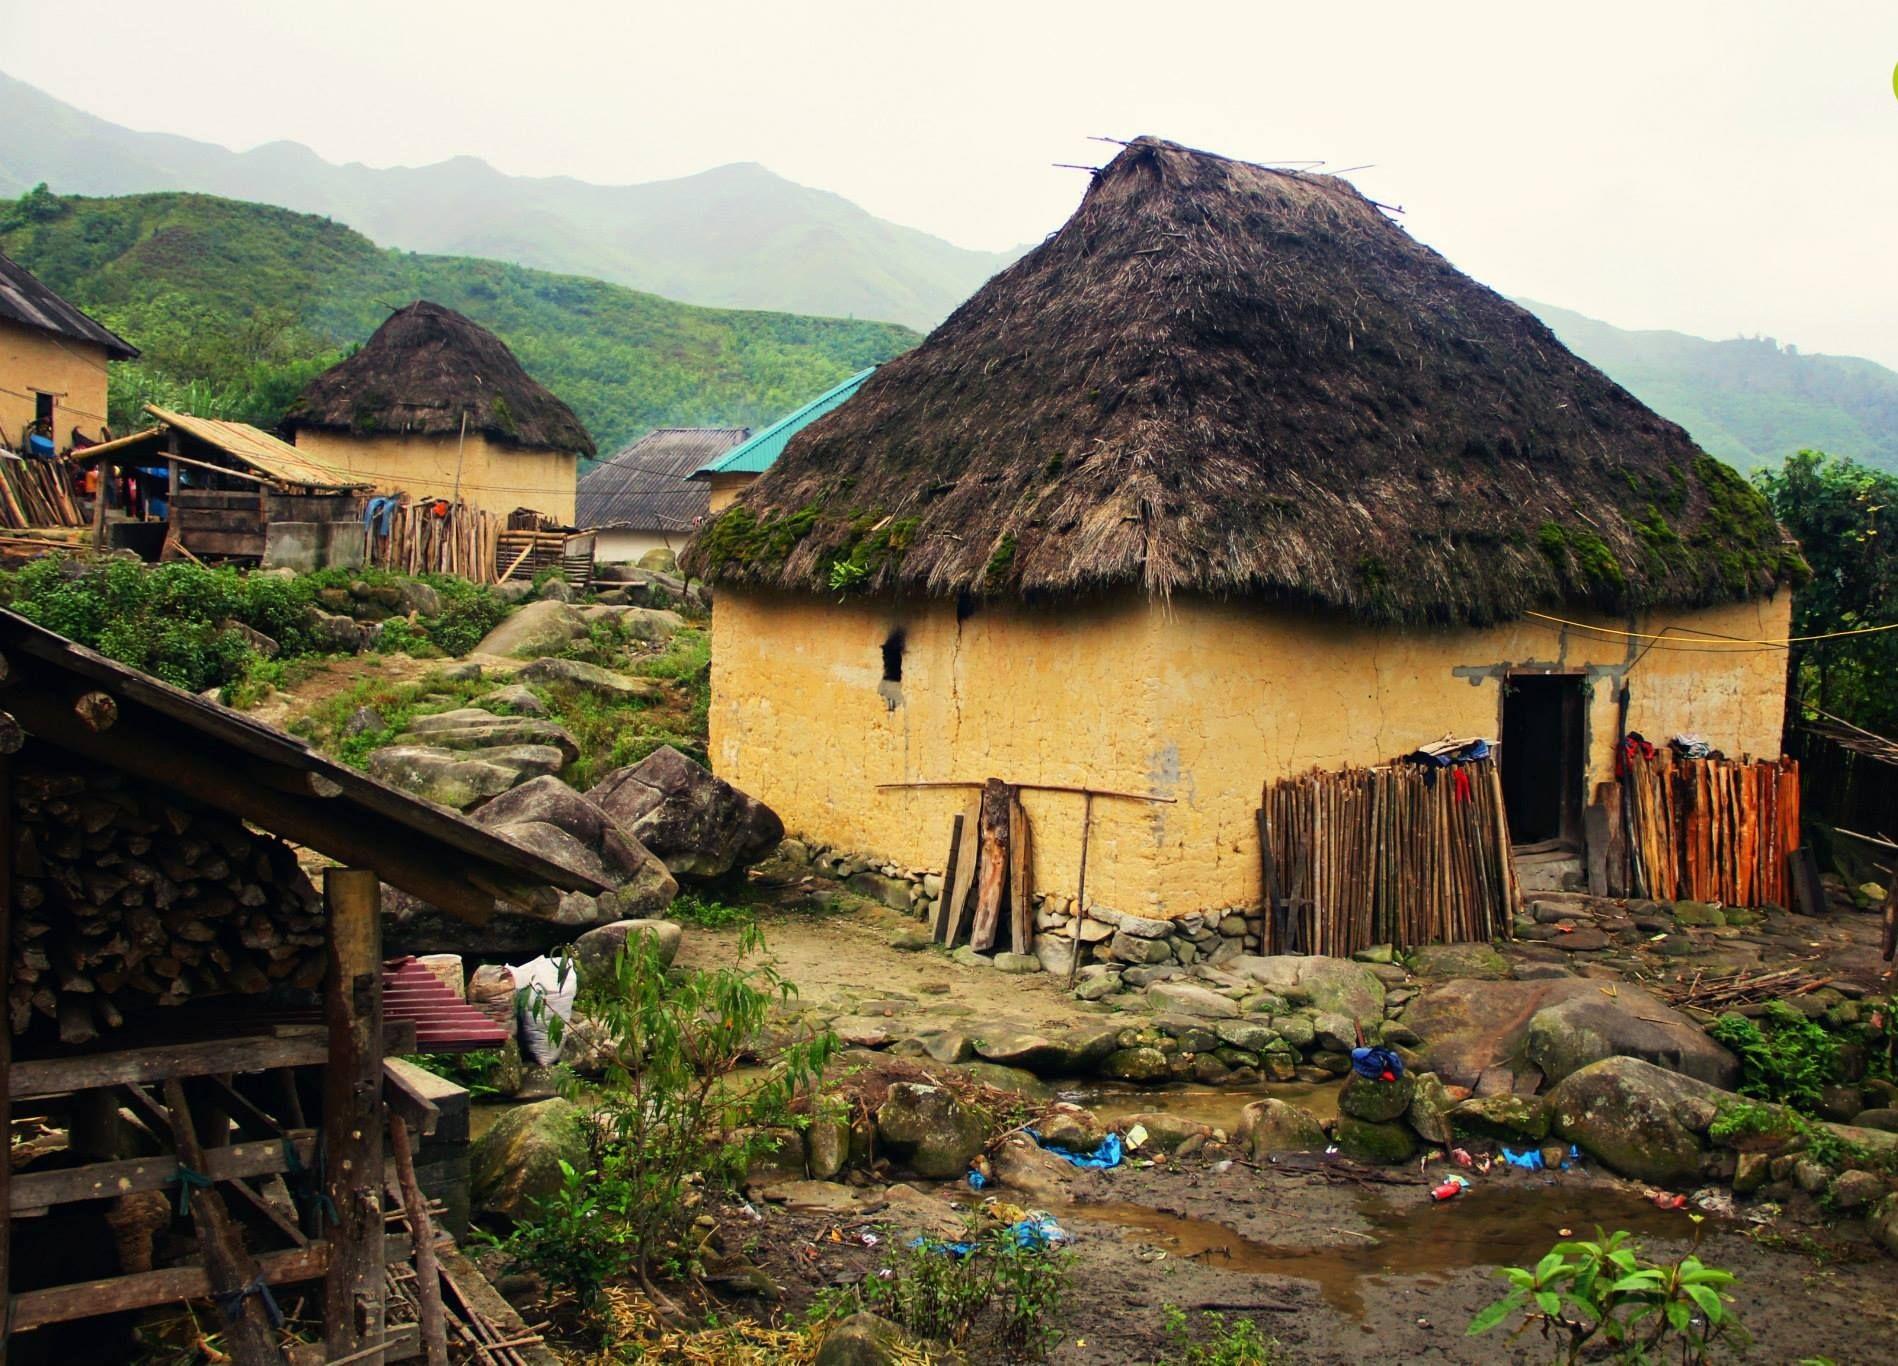 Những căn nhà độc đáo tại thôn Lao Chải. Ảnh: pinterest.com